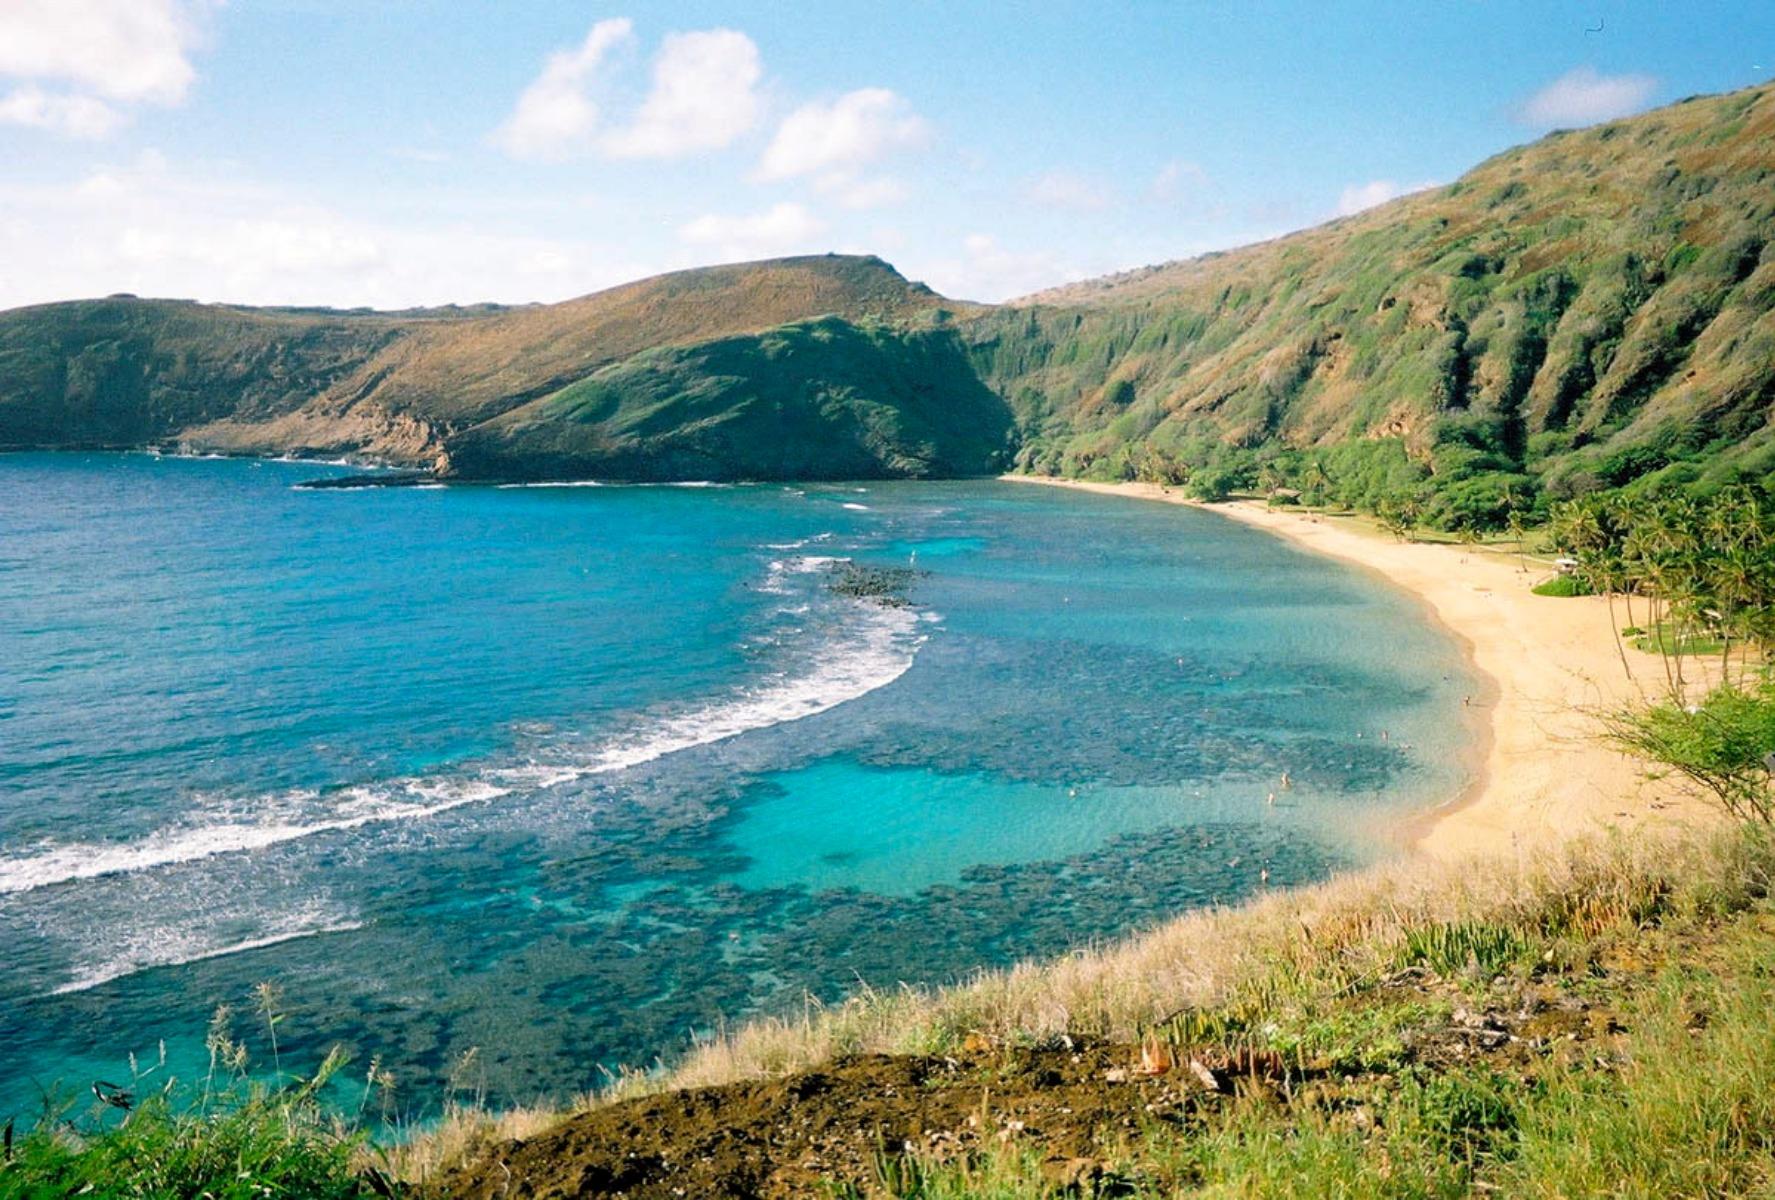 hawaii06-1614357404.jpg